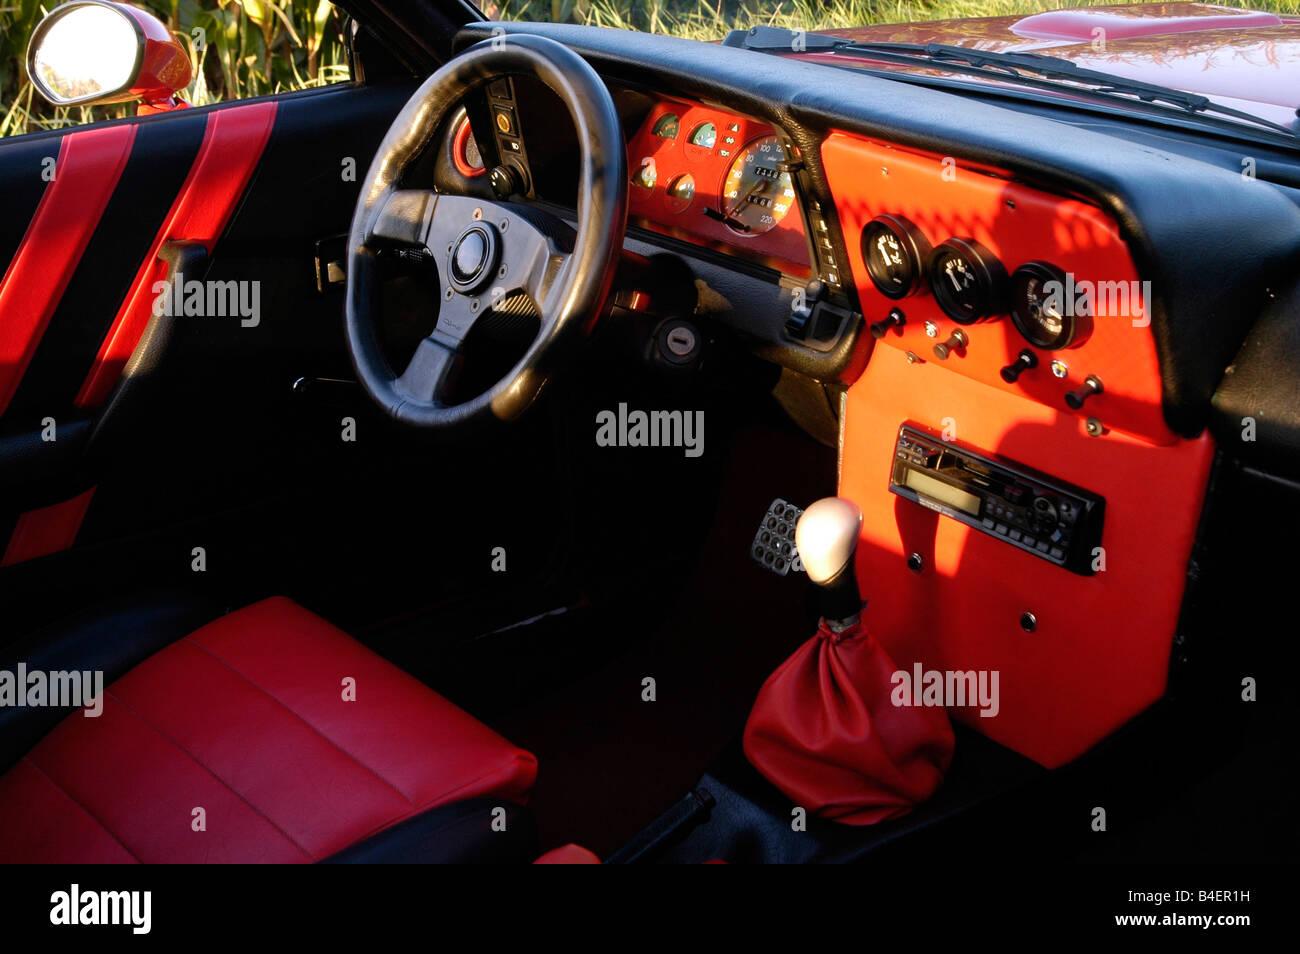 voiture opel manta b l 39 ann e de mod le 1983 rouge coup cabriolet voiture ancienne ann es. Black Bedroom Furniture Sets. Home Design Ideas